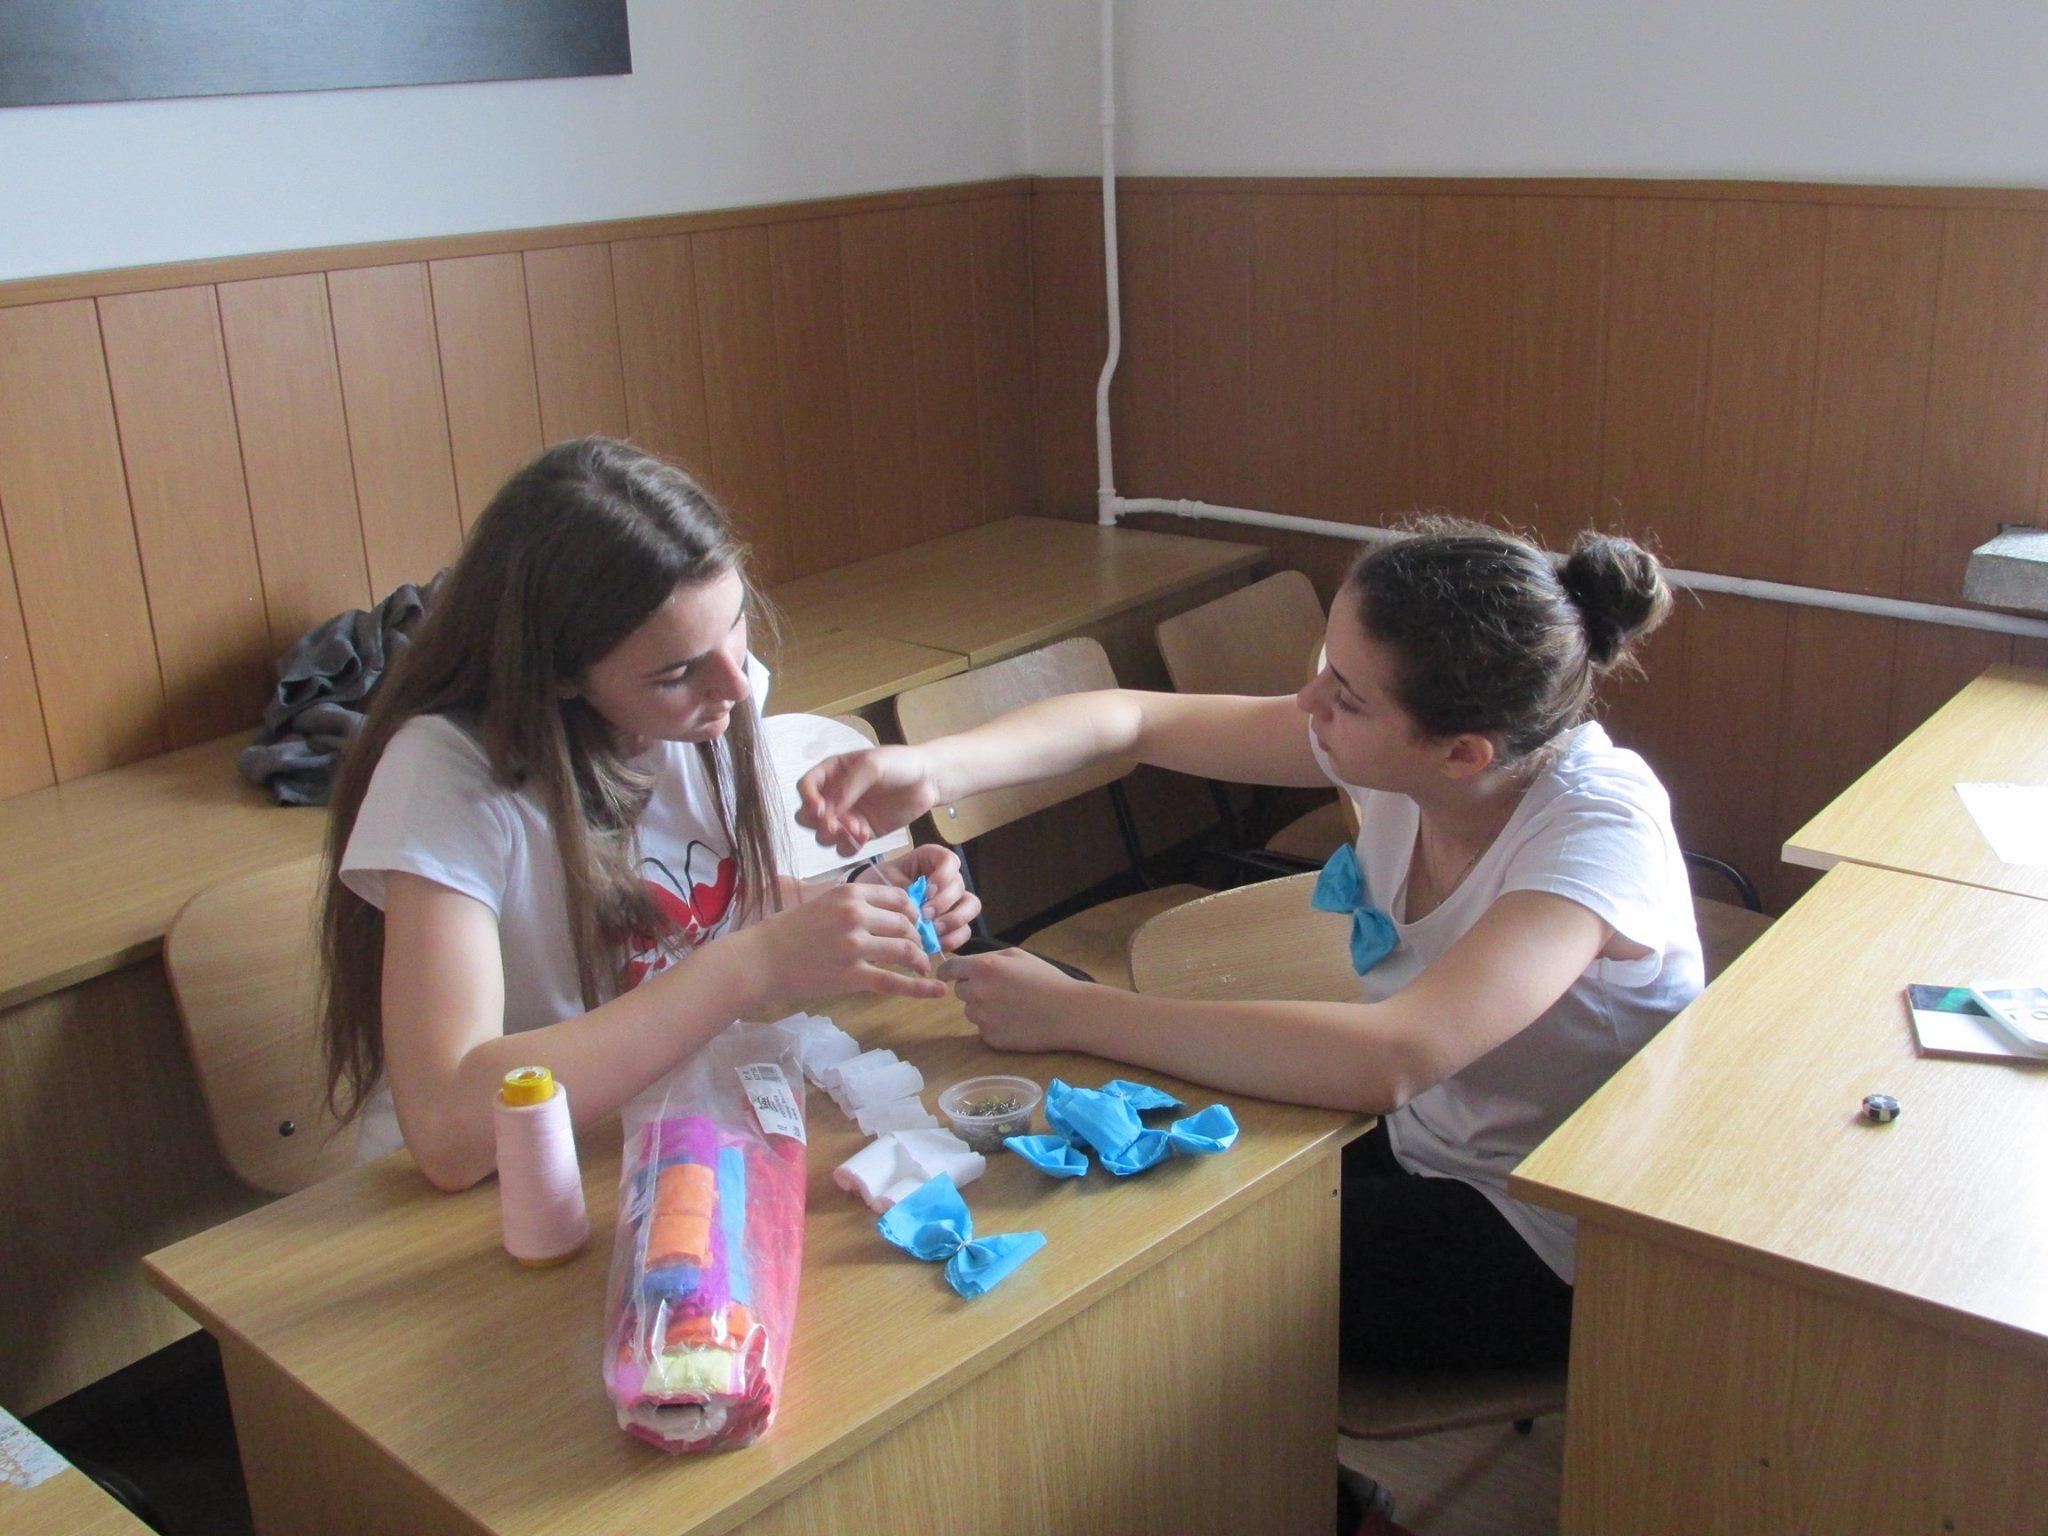 1 Proiect Viata fara Violena - Ana Hristea - clasa a-IX-a B – Colegiul National Mihai Eminescu